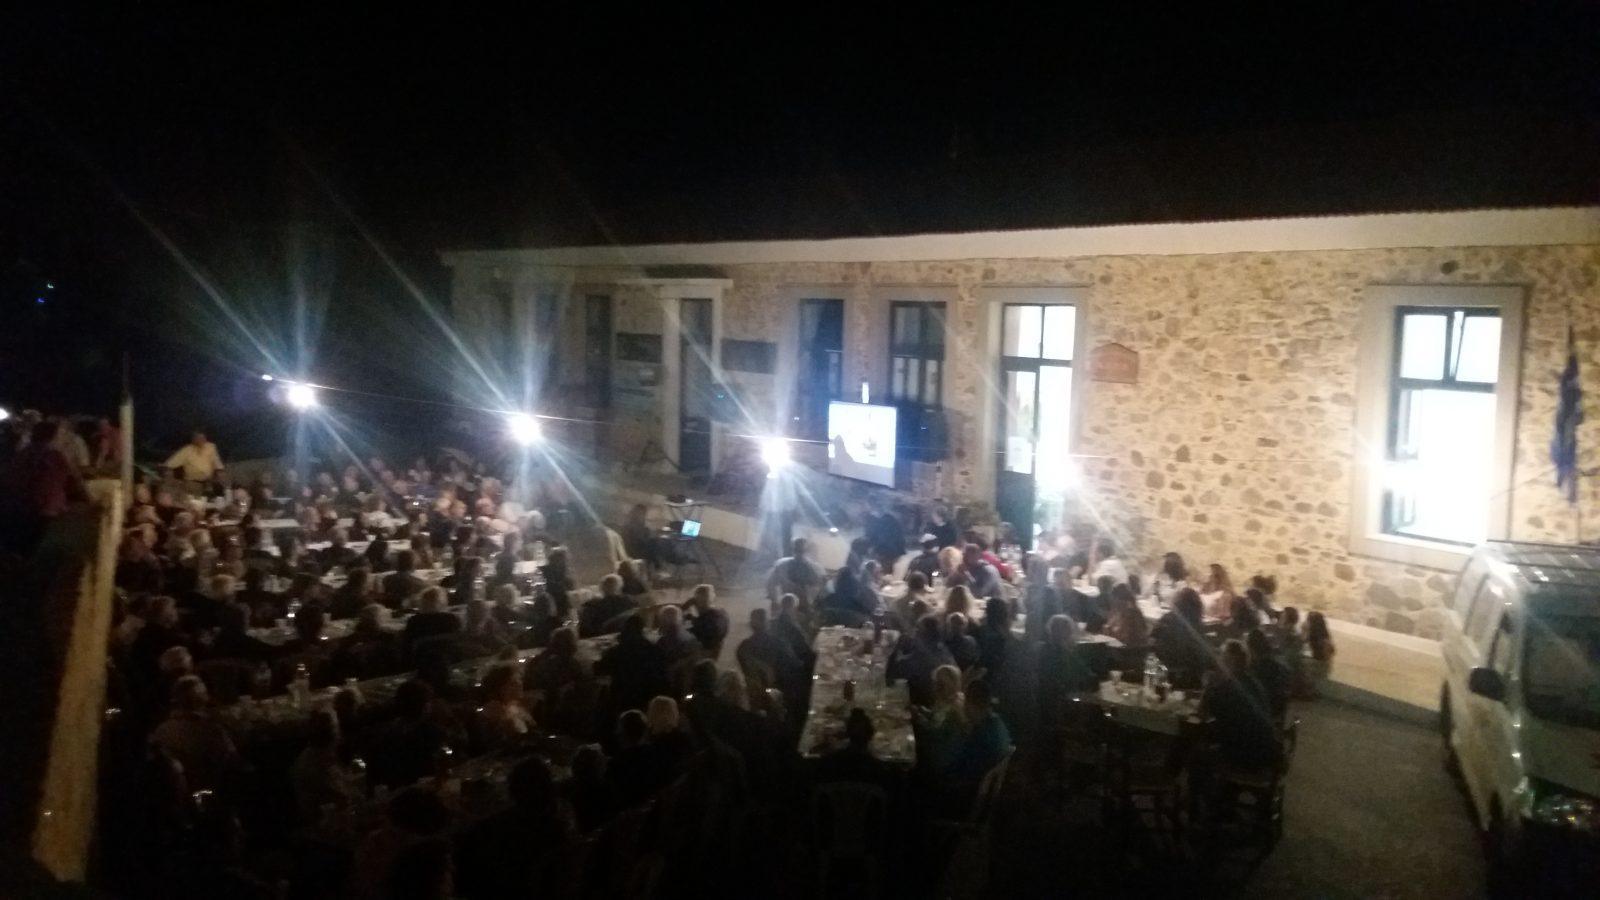 Γιορτή για τα 30 χρόνια ιδρύσεως του ΚΑΠΗ Πύργου Αστερουσίων